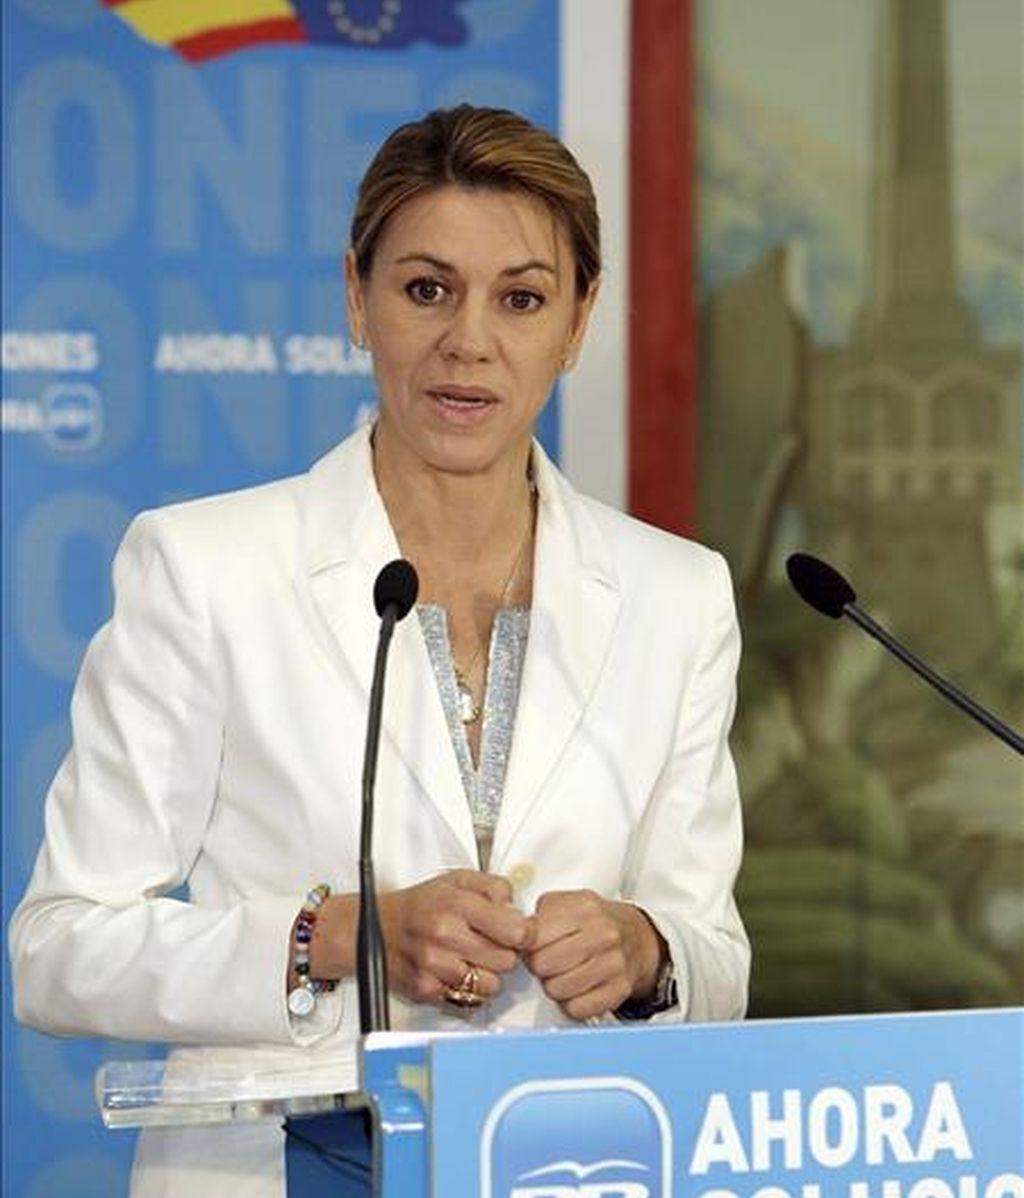 La presidenta regional del Partido Popular y secretaria general nacional, María Dolores de Cospedal. EFE/Archivo